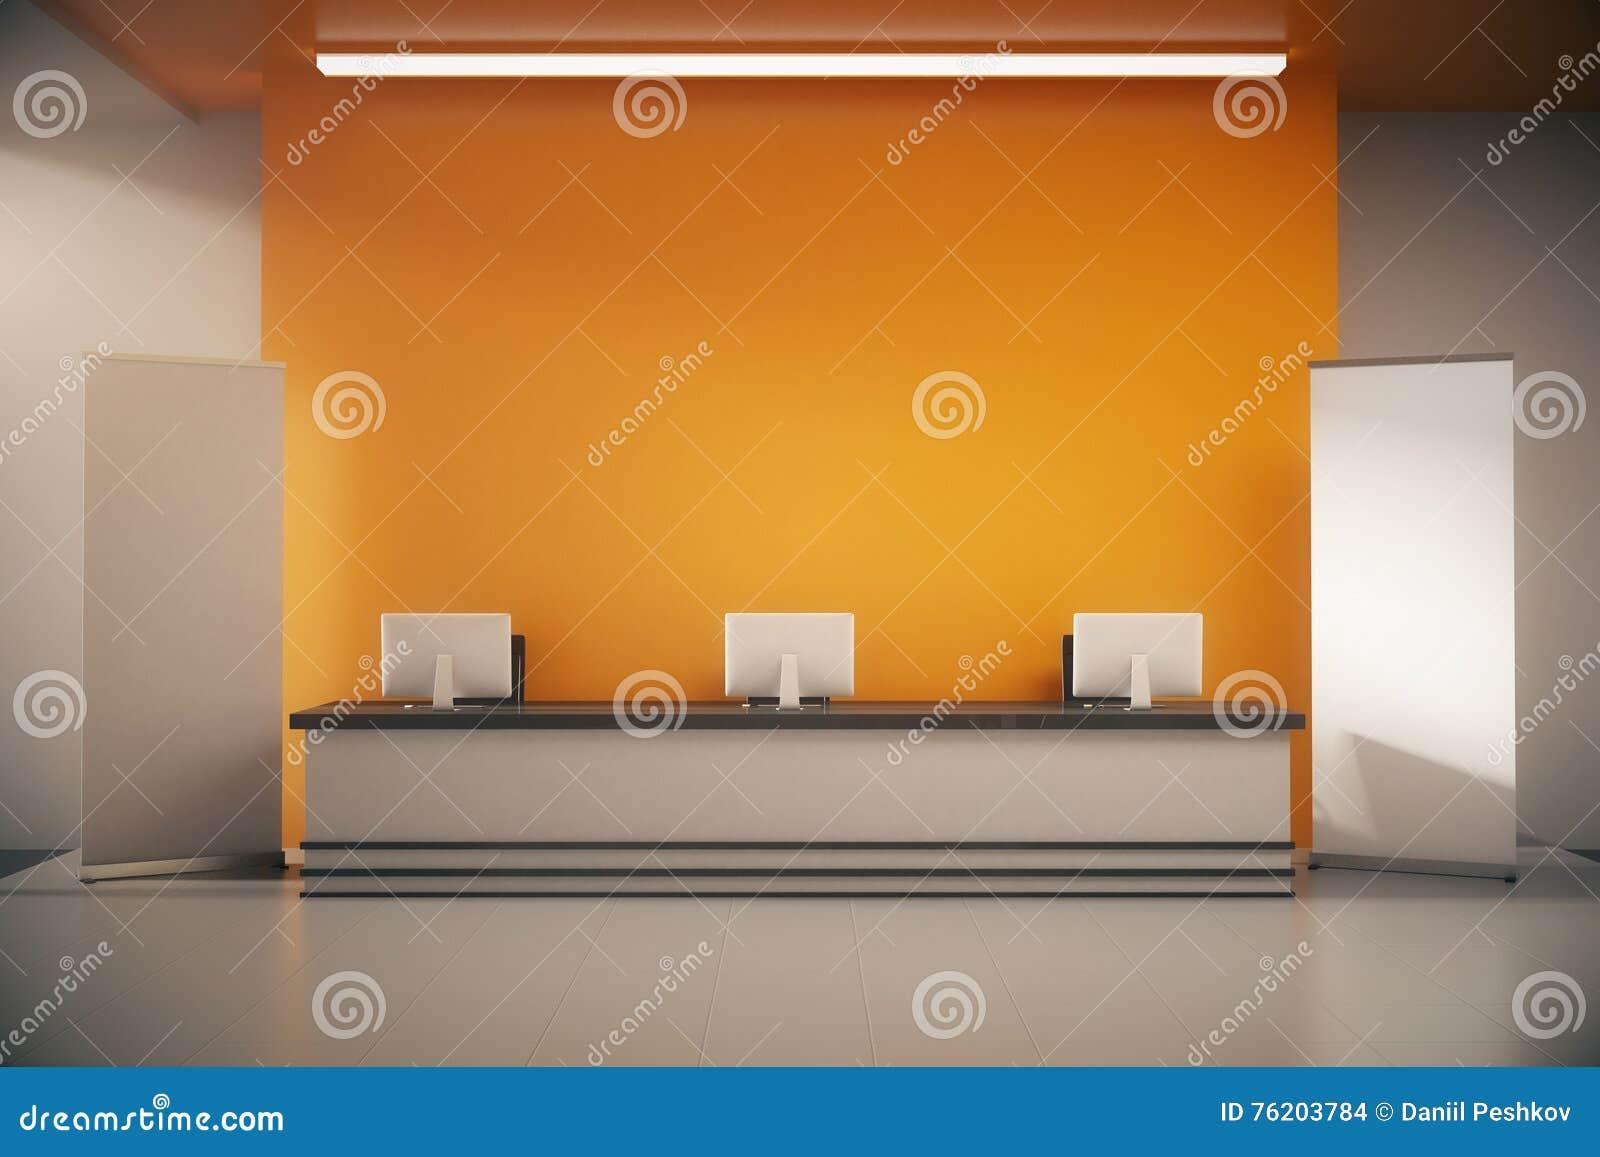 Mostrador de recepción anaranjado